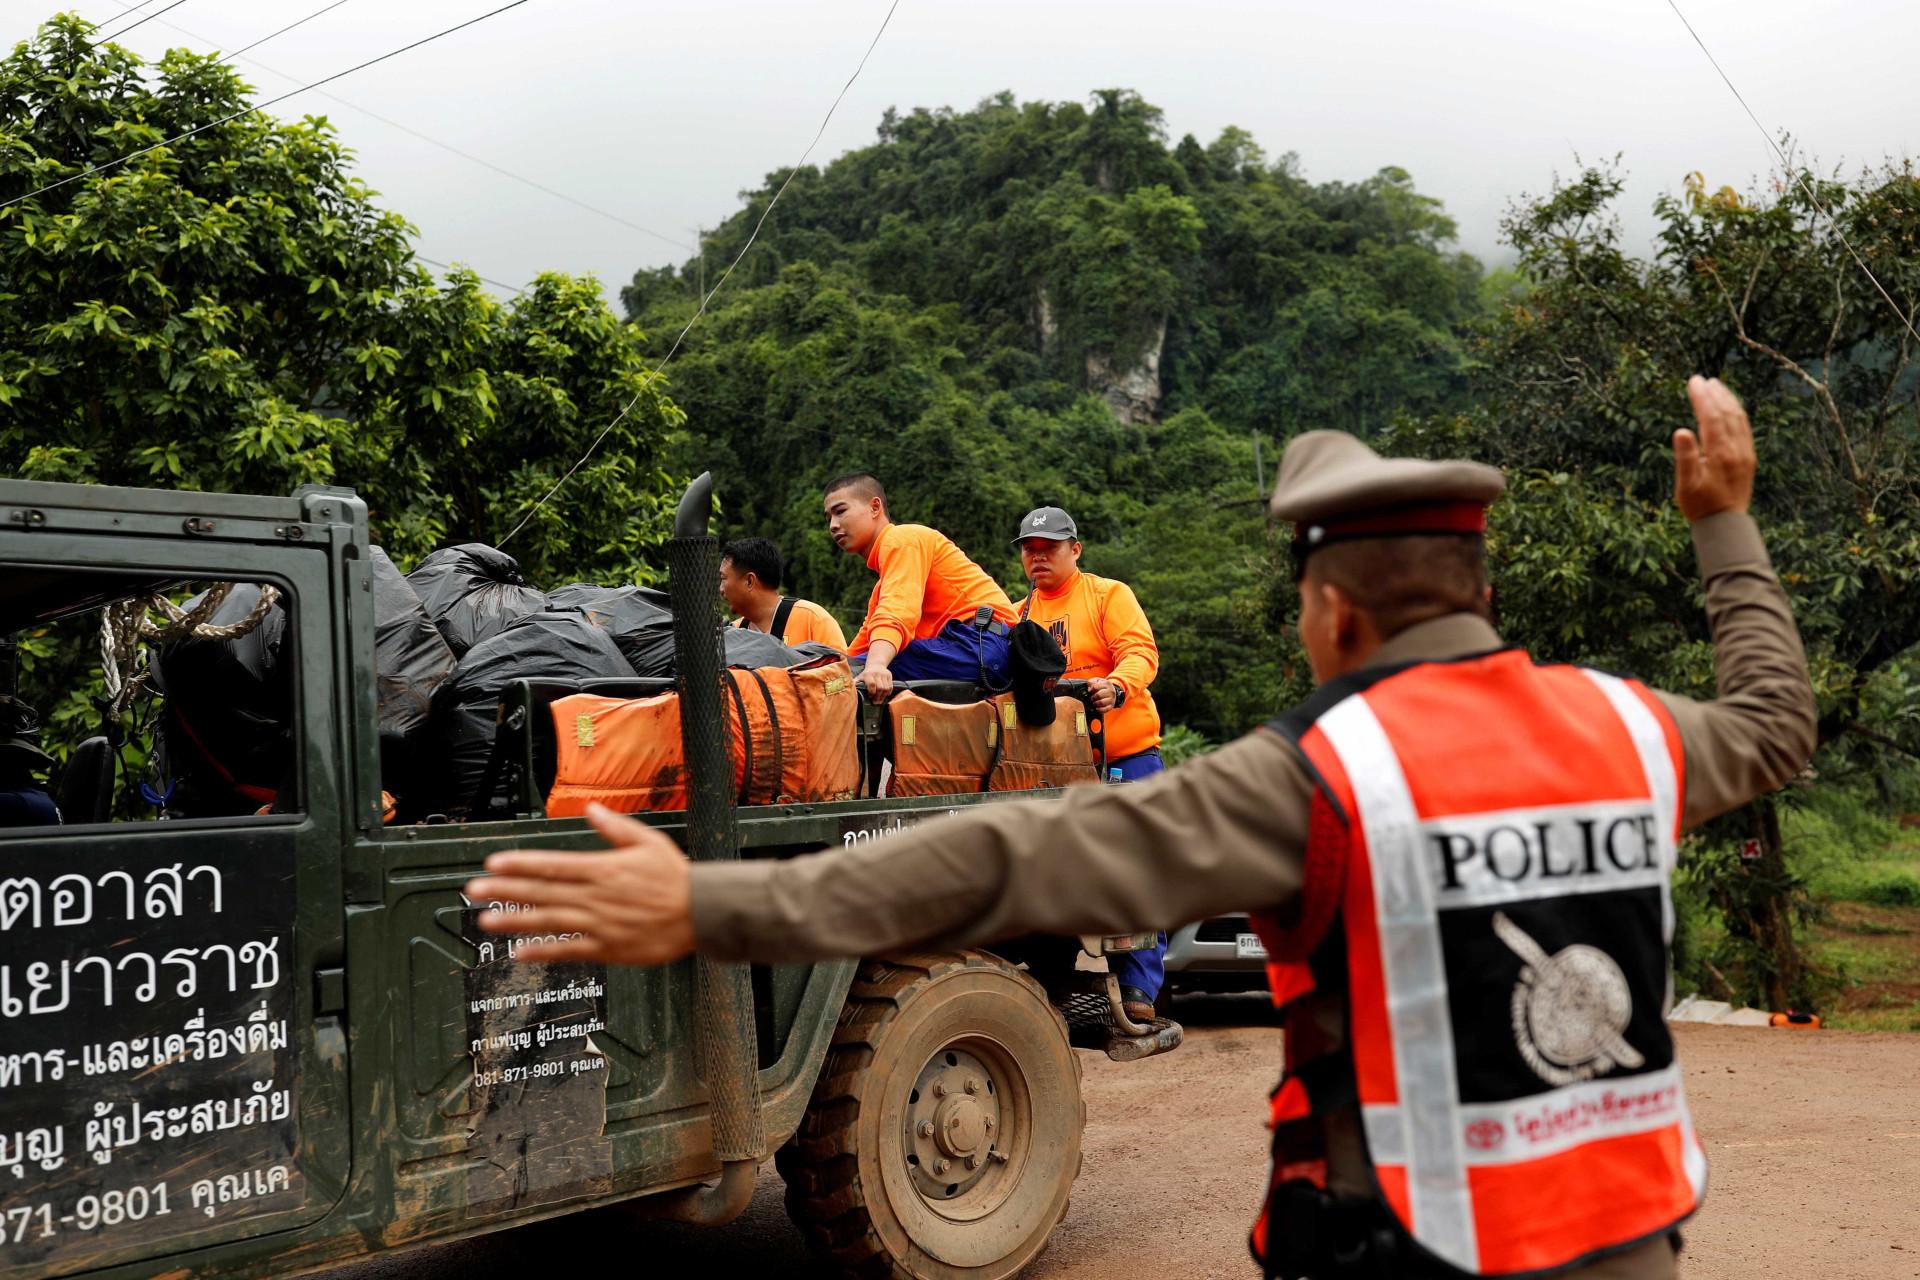 Veja fotos do resgate dos 4 meninos presos em caverna na Tailândia